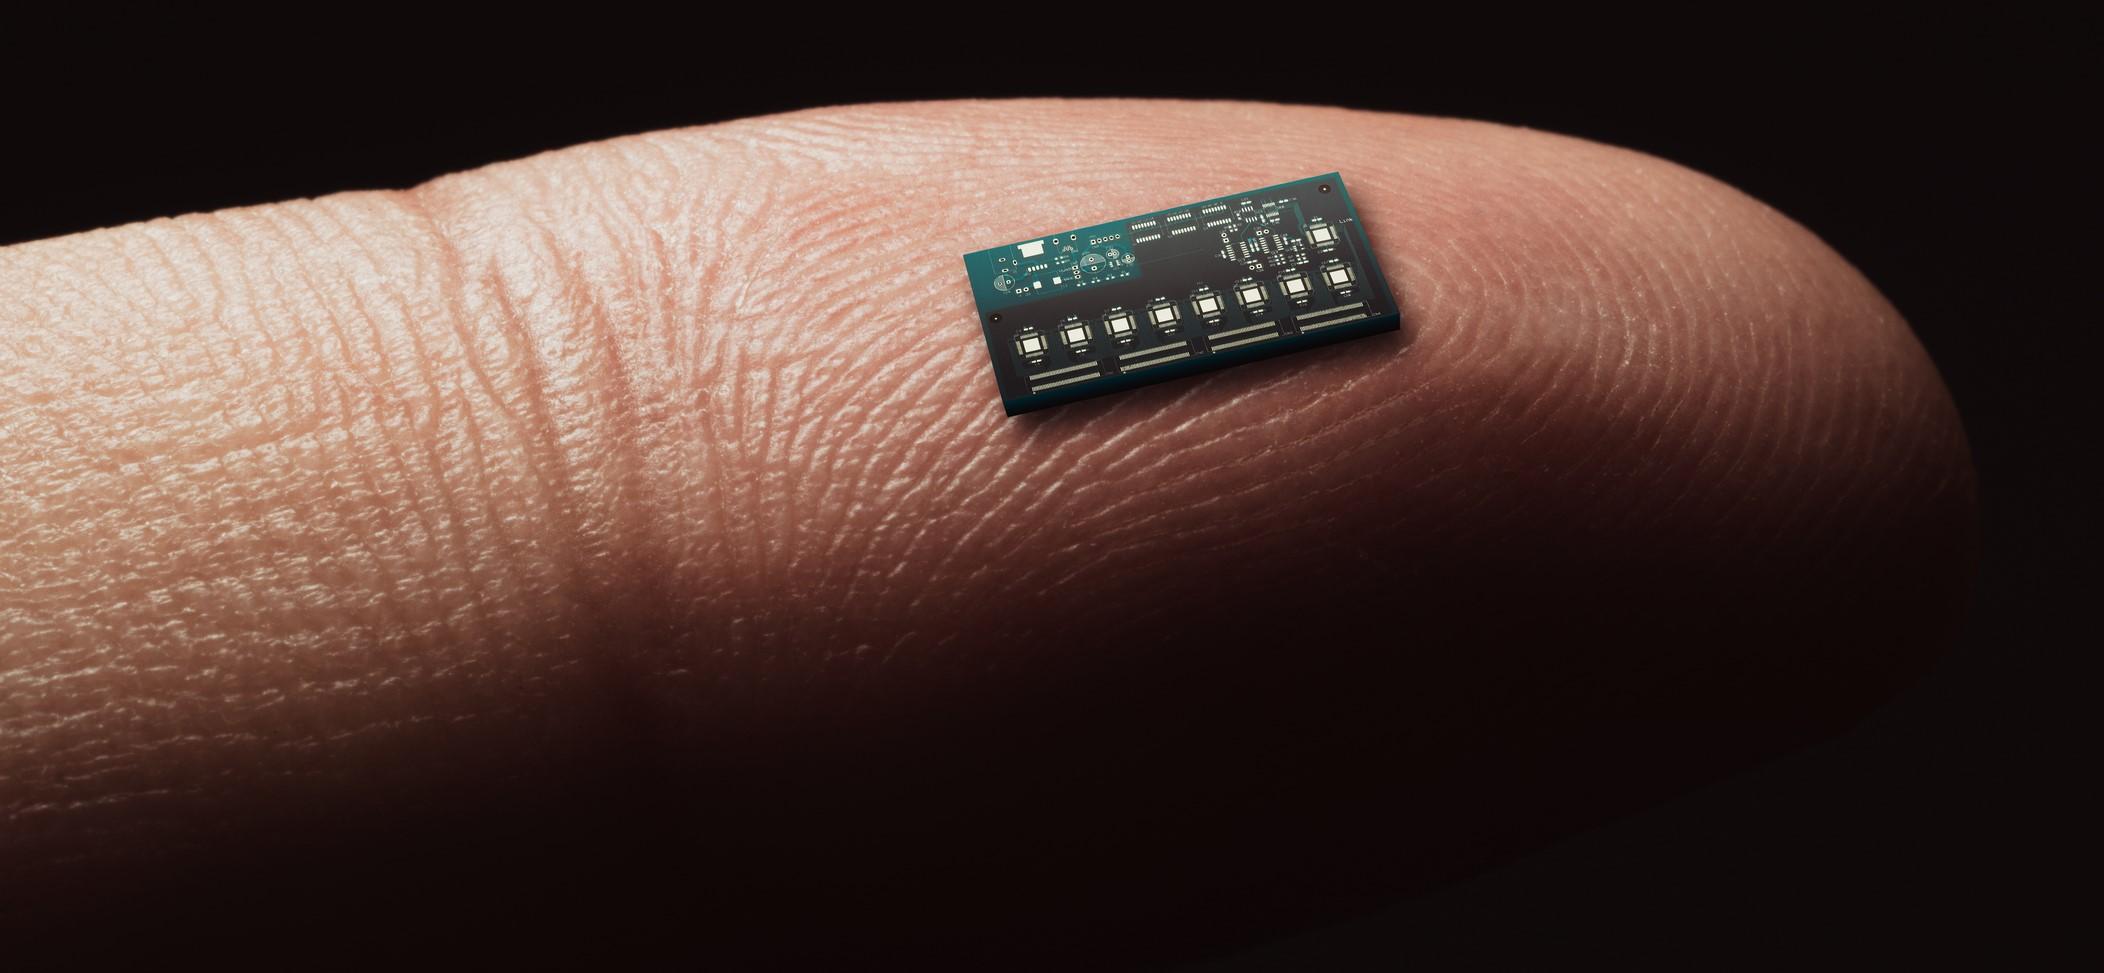 El primer microchip funcional para dispositivos implantables en el cuerpo humano...